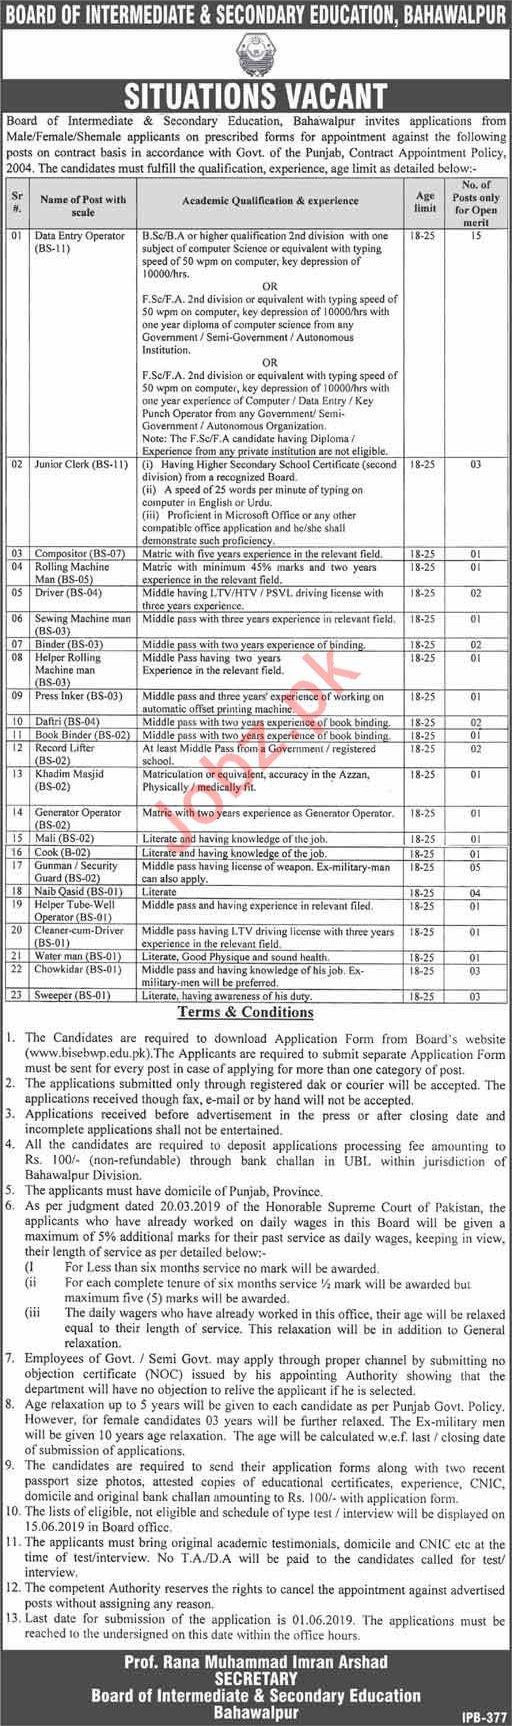 BISE Bahawalpur Jobs 2019